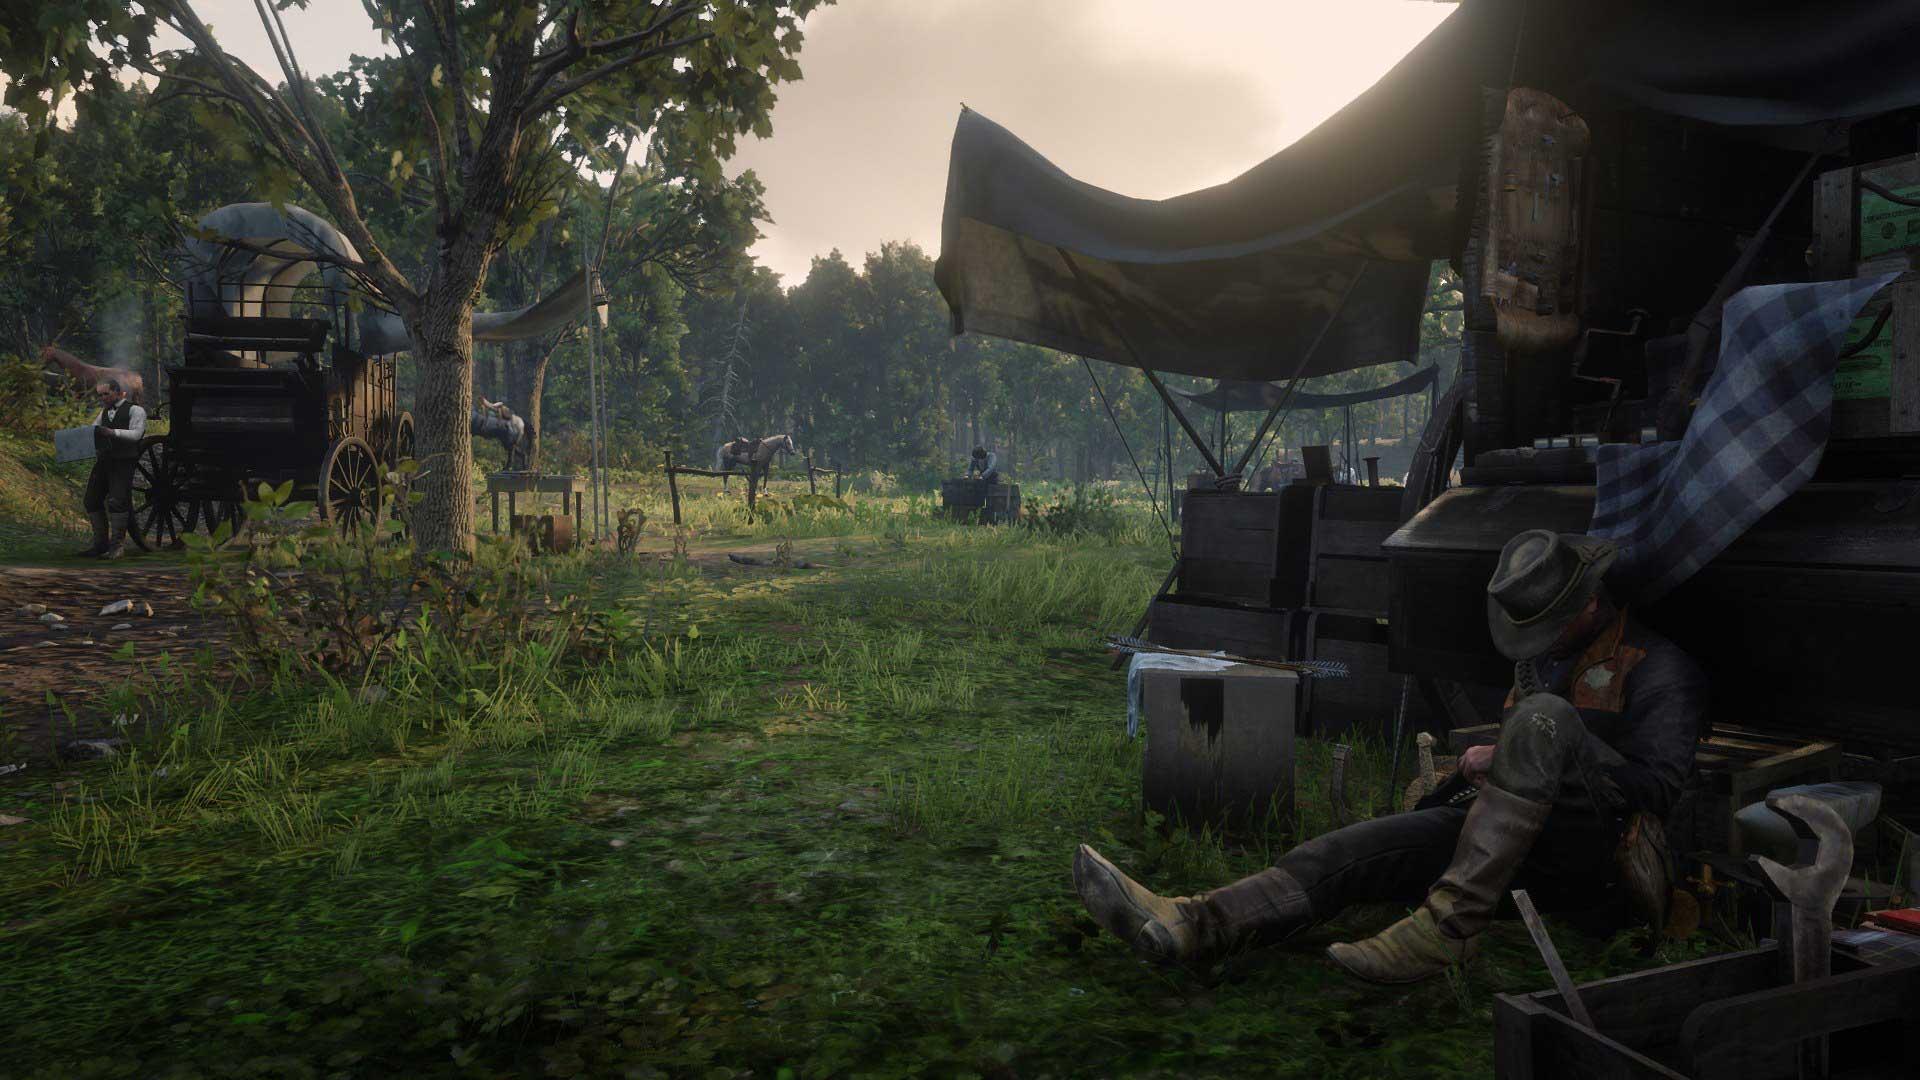 Campamentos en Red Dead Online: cómo evitar ser atacado, cómo moverlos y mucho más